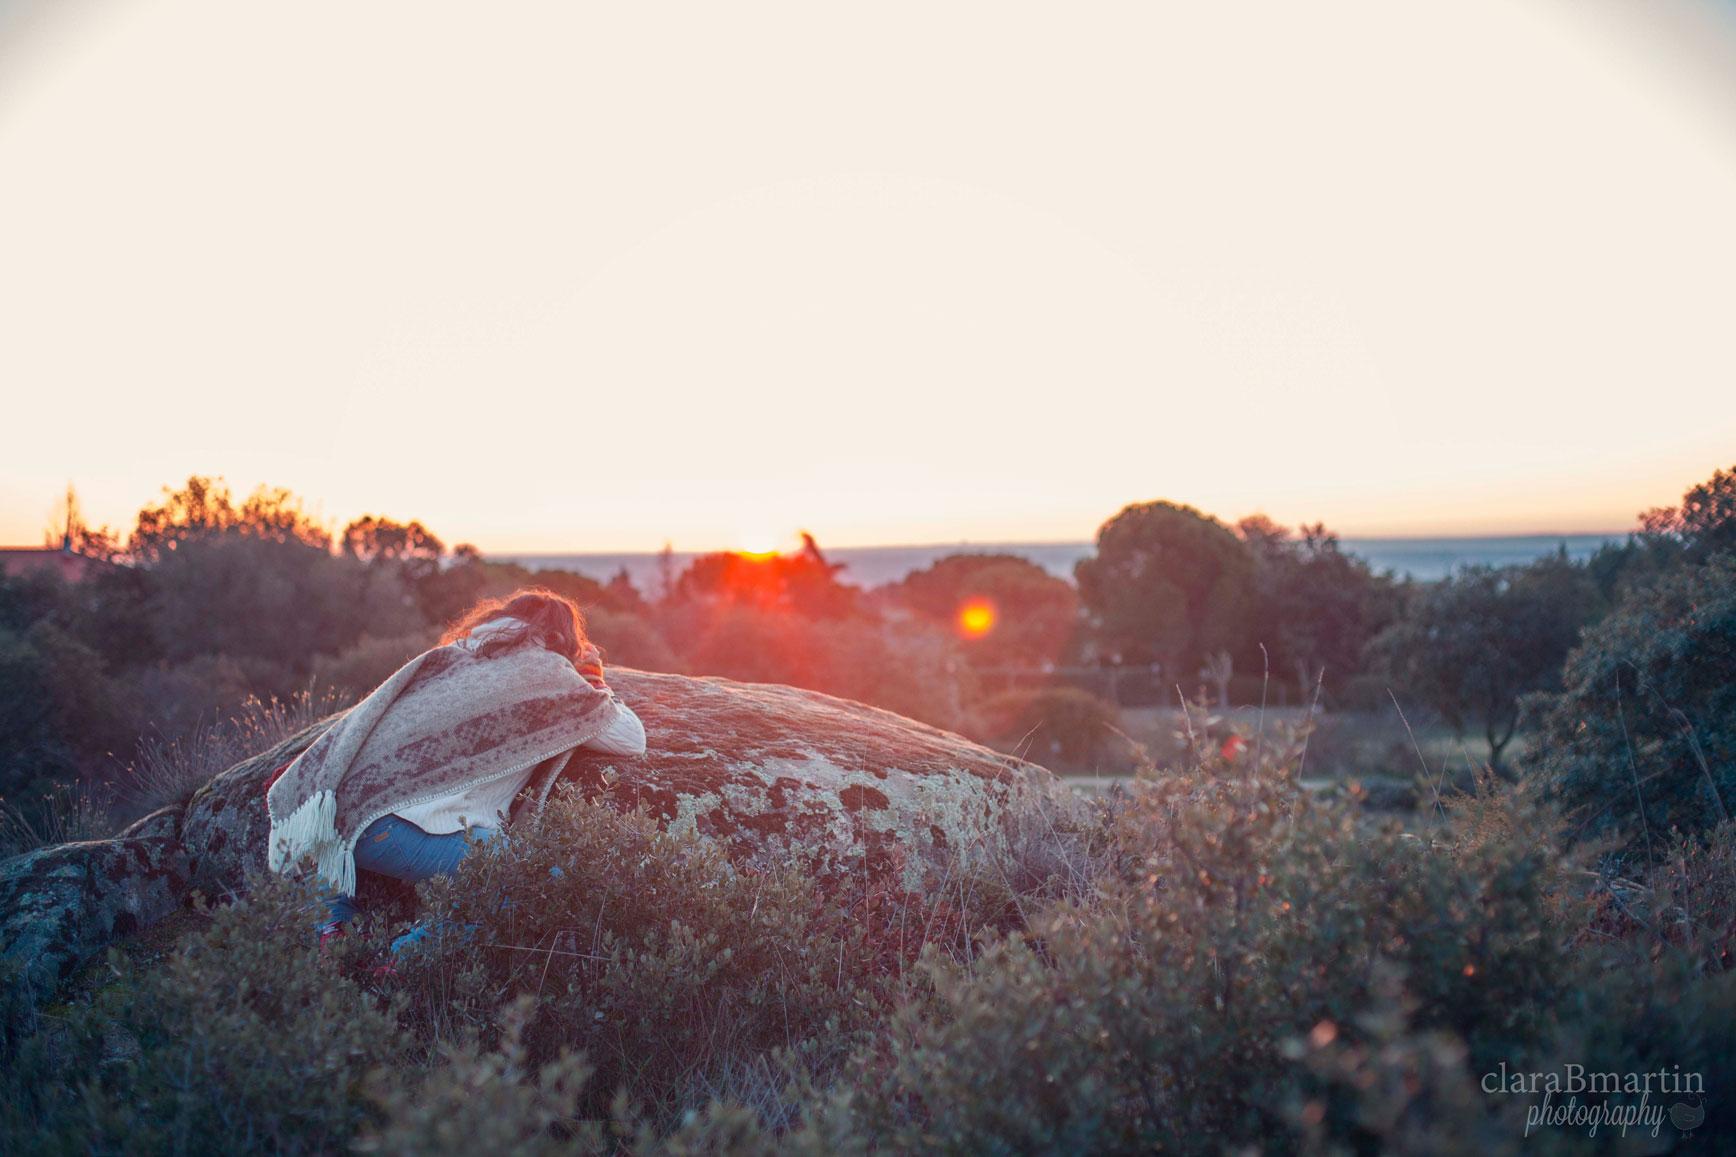 Despierta_fotoclaraBmartin10